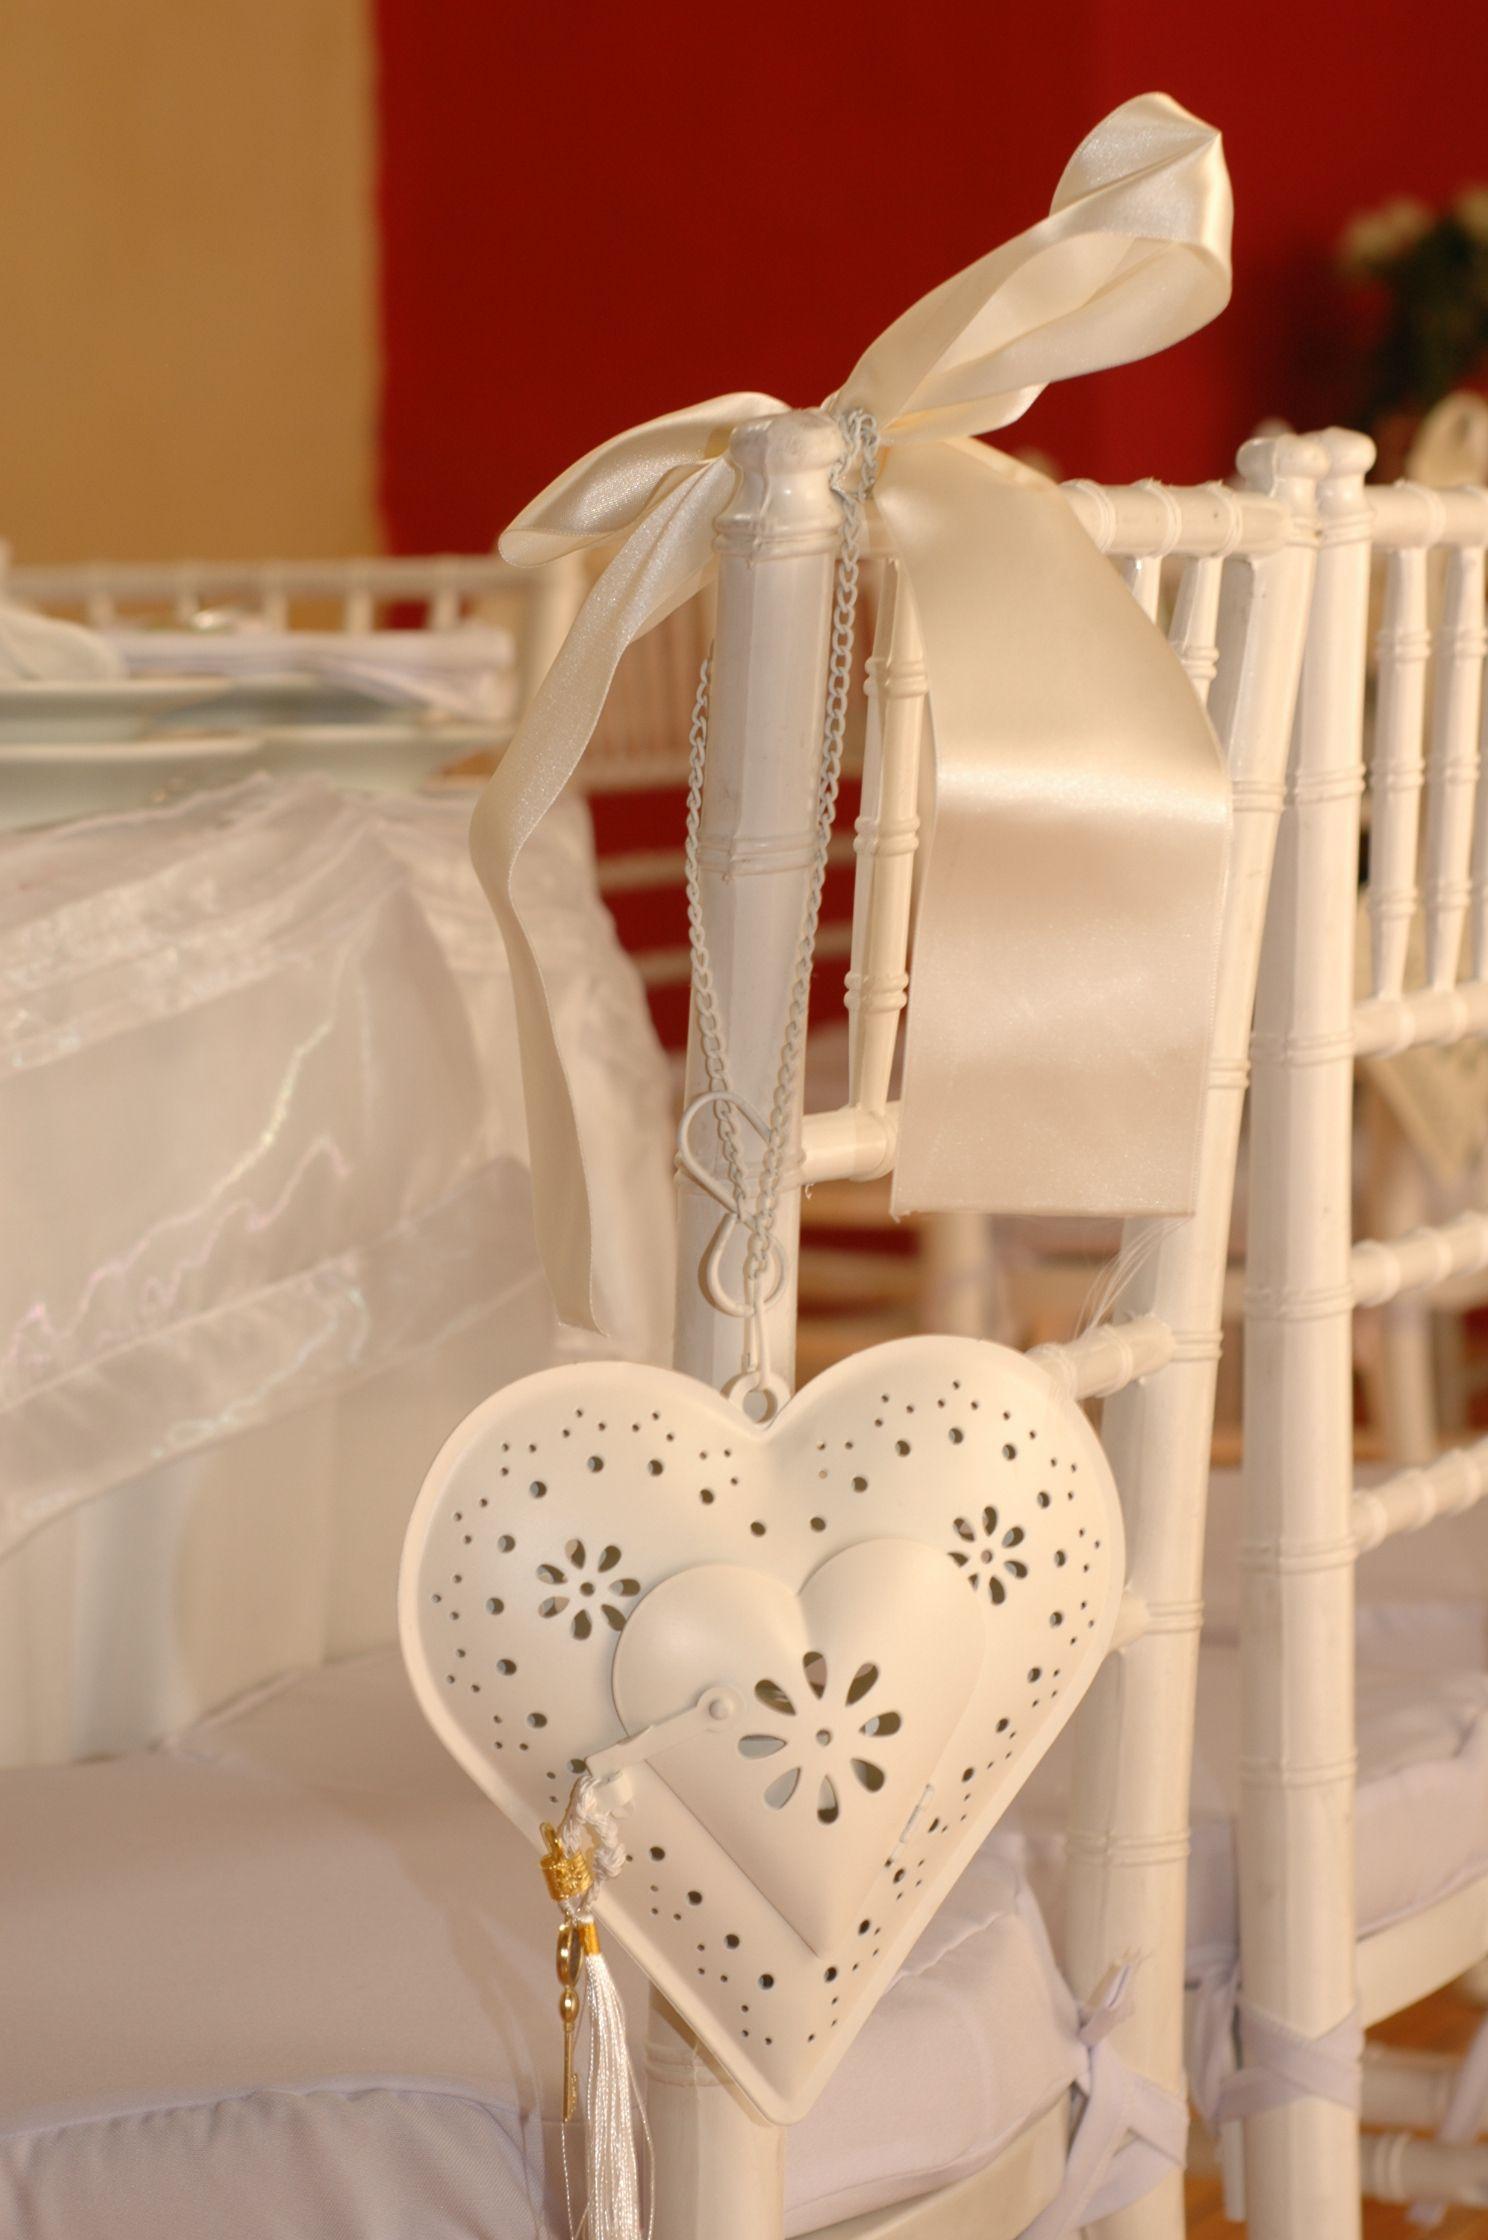 Compra aqu bodas r sticas eventos r sticos ideas originales para - Bodas originales ideas ...